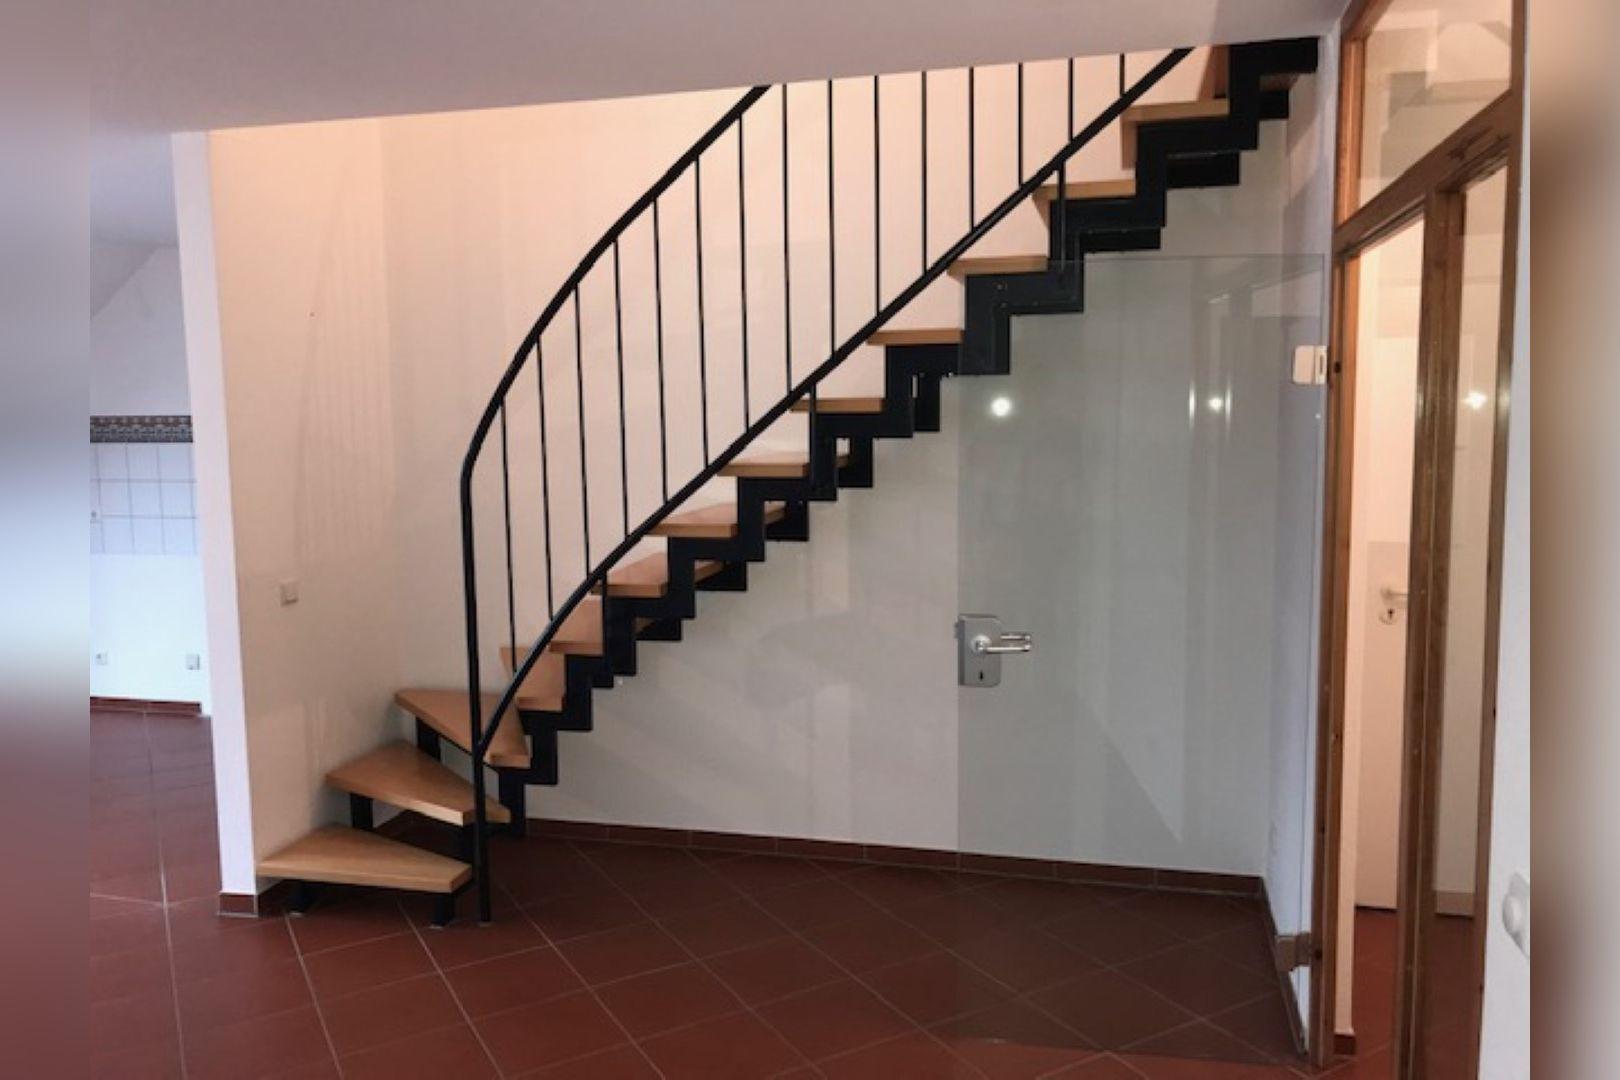 Immobilie Nr.0253 - 3-Zimmer-Maisonette-Wohnung  - Bild 7.jpg